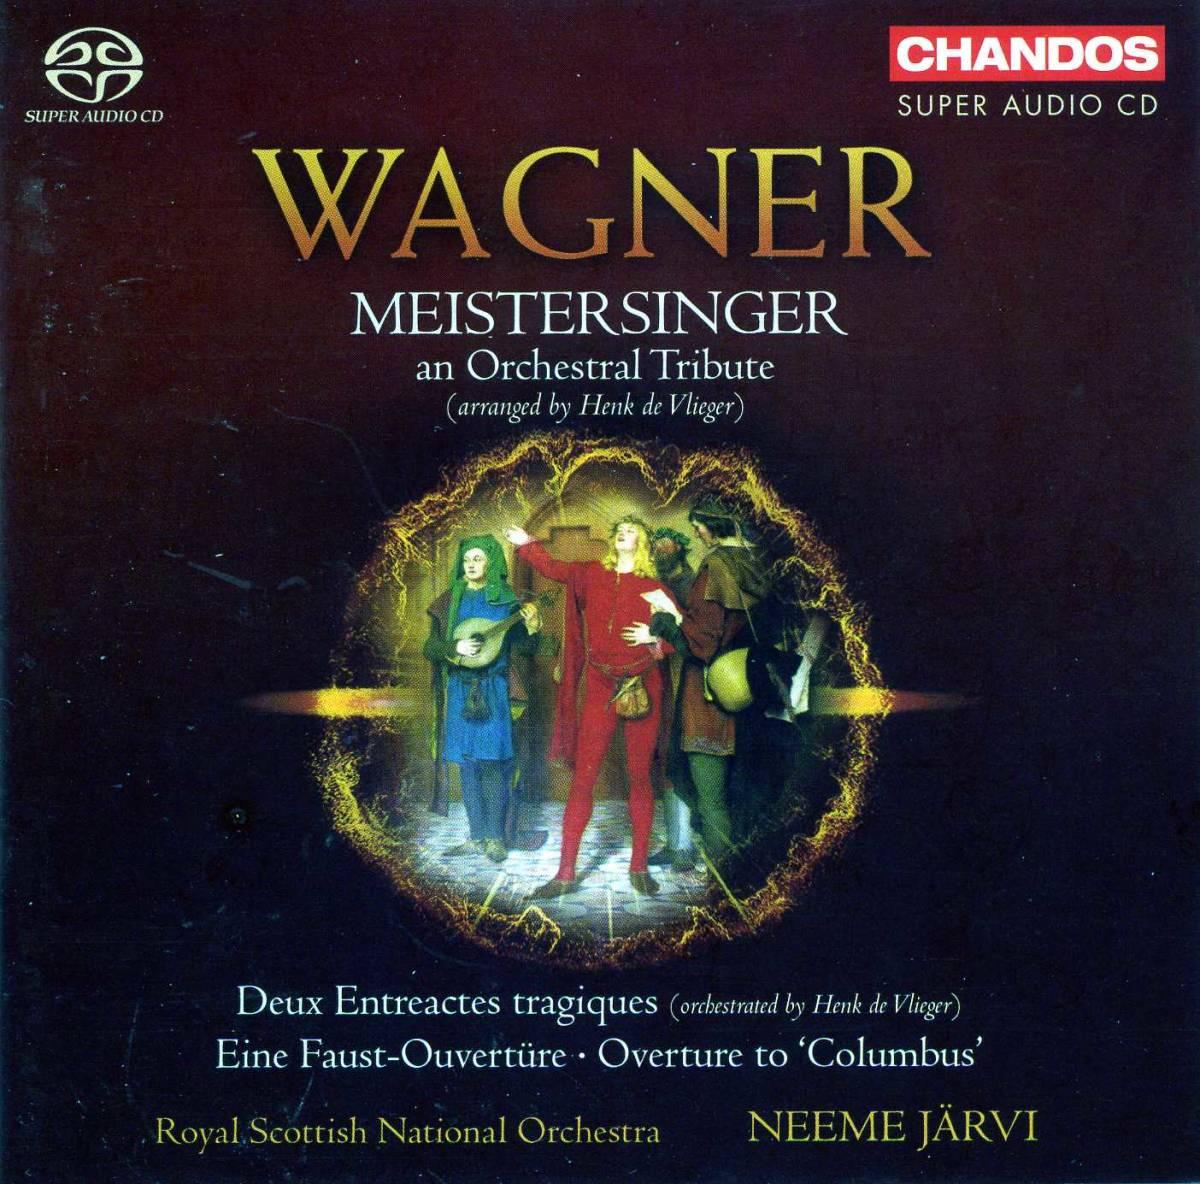 SACD/CD CHANDOS ワーグナー「パルジファル、タンホイザー」他 ヤルヴィ指揮